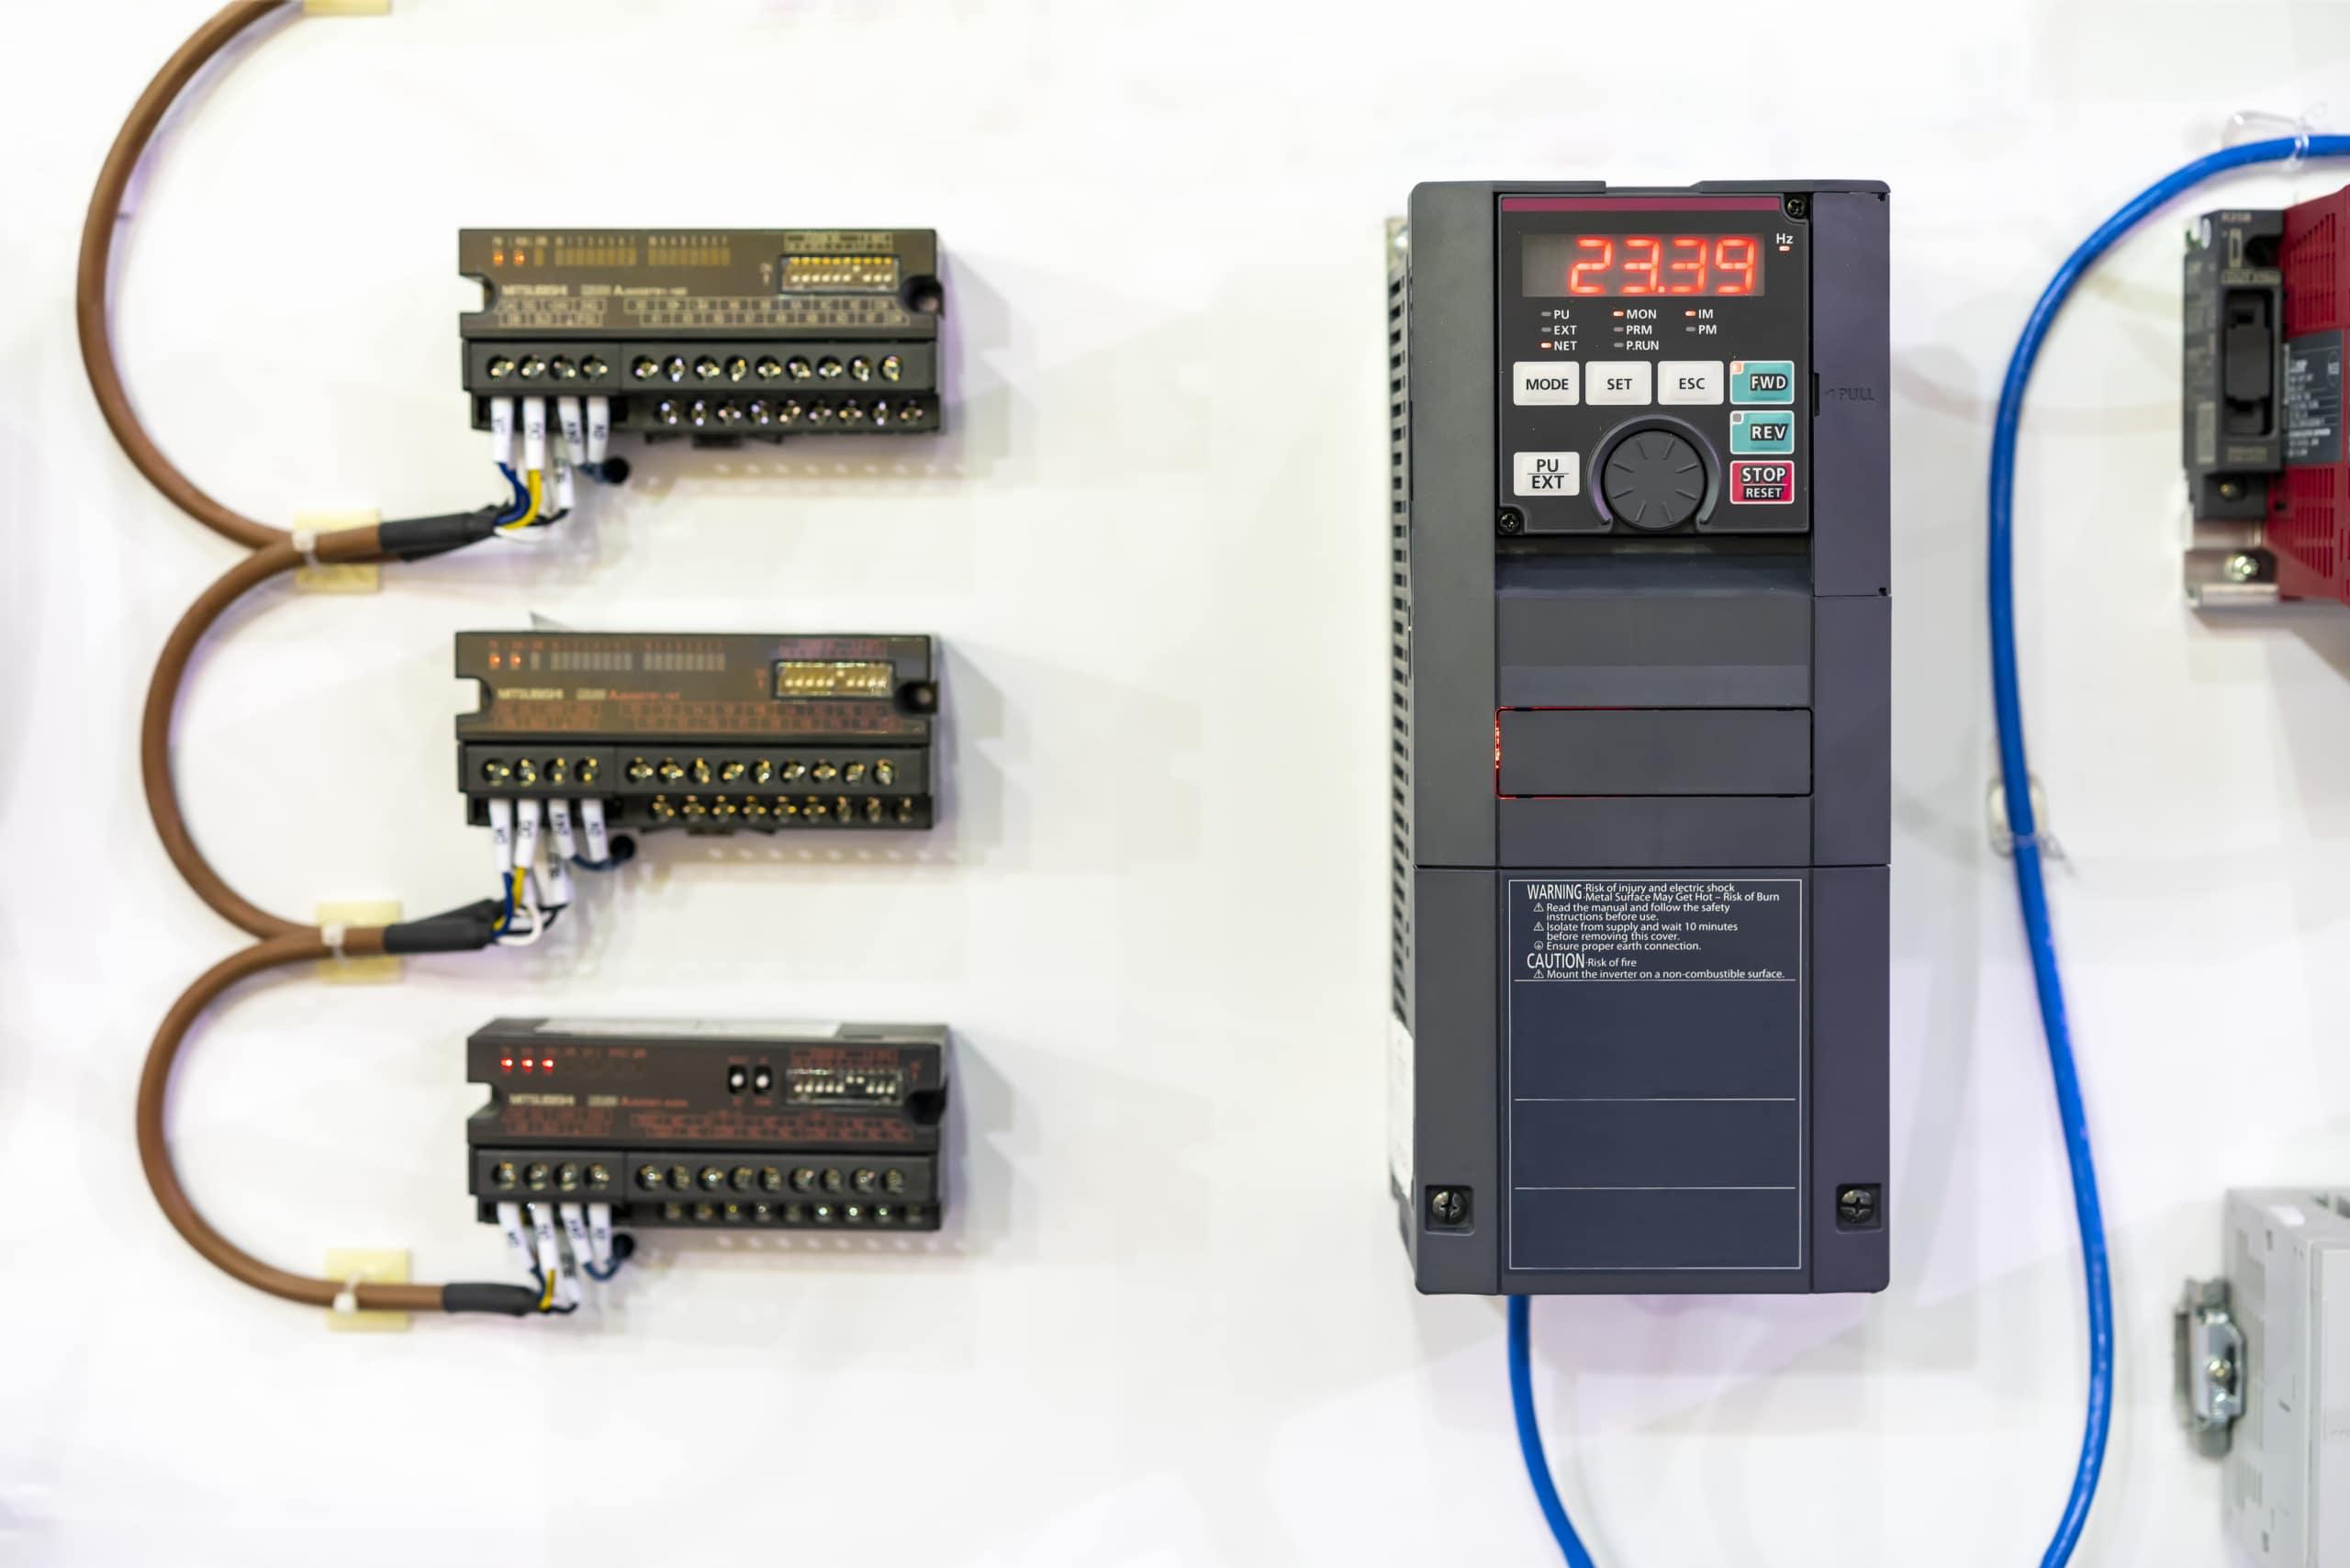 Renovation Electrique Soi Meme tout sur l'installation électrique et la rénovation électrique